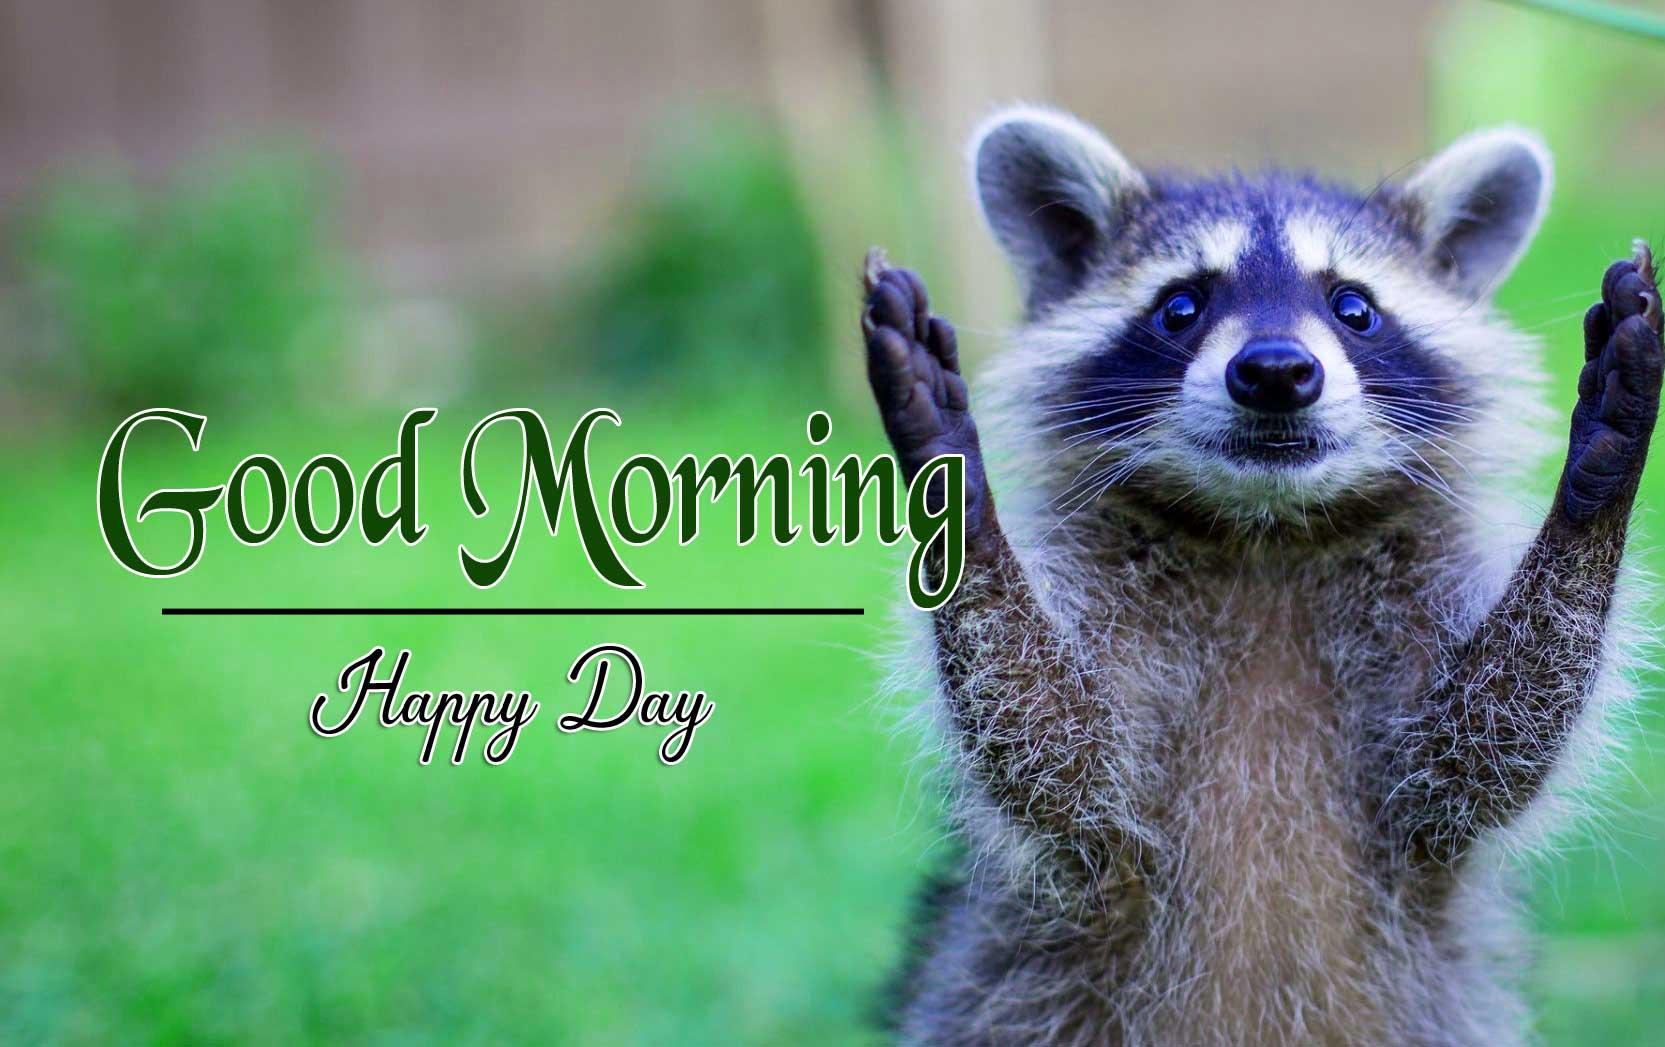 Animal Good Morning Image 2